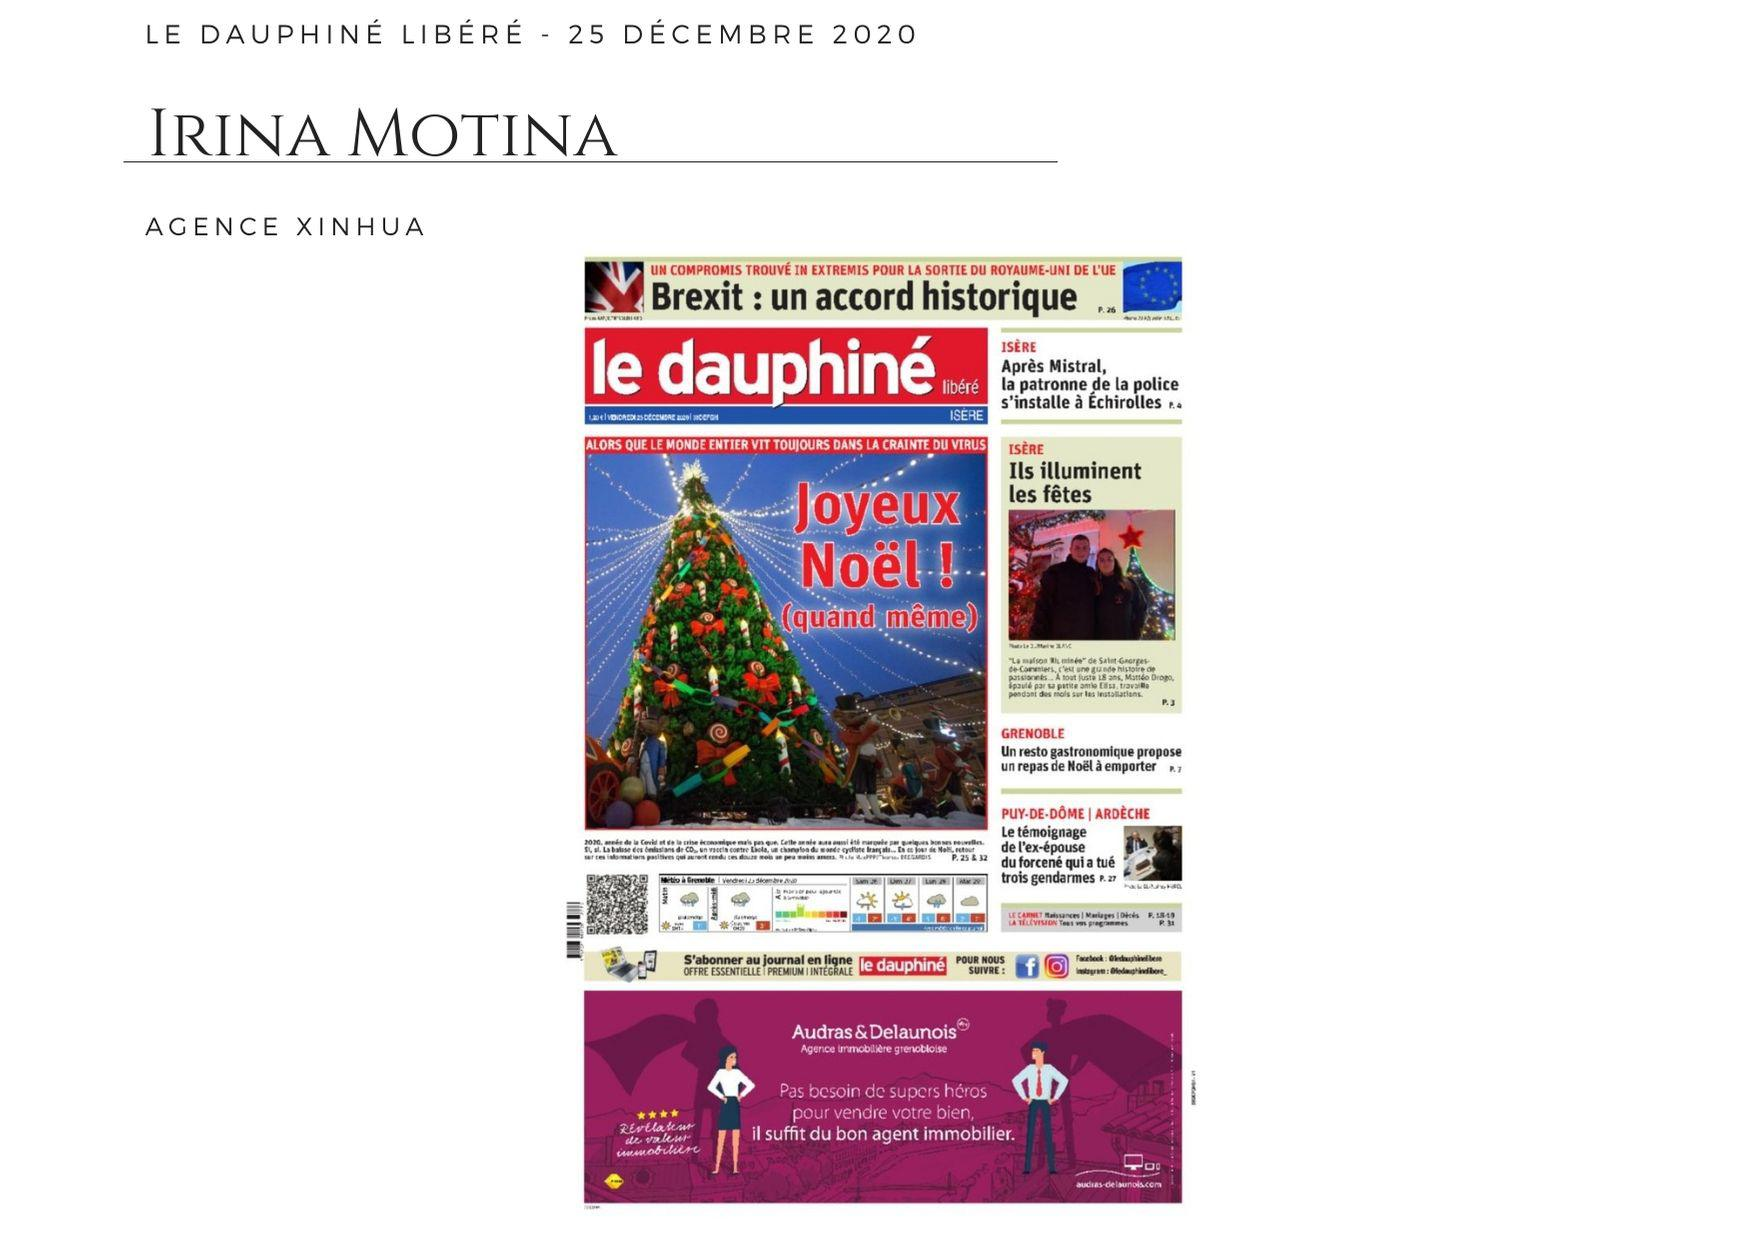 Le Dauphiné Libéré - 25 décembre 2020